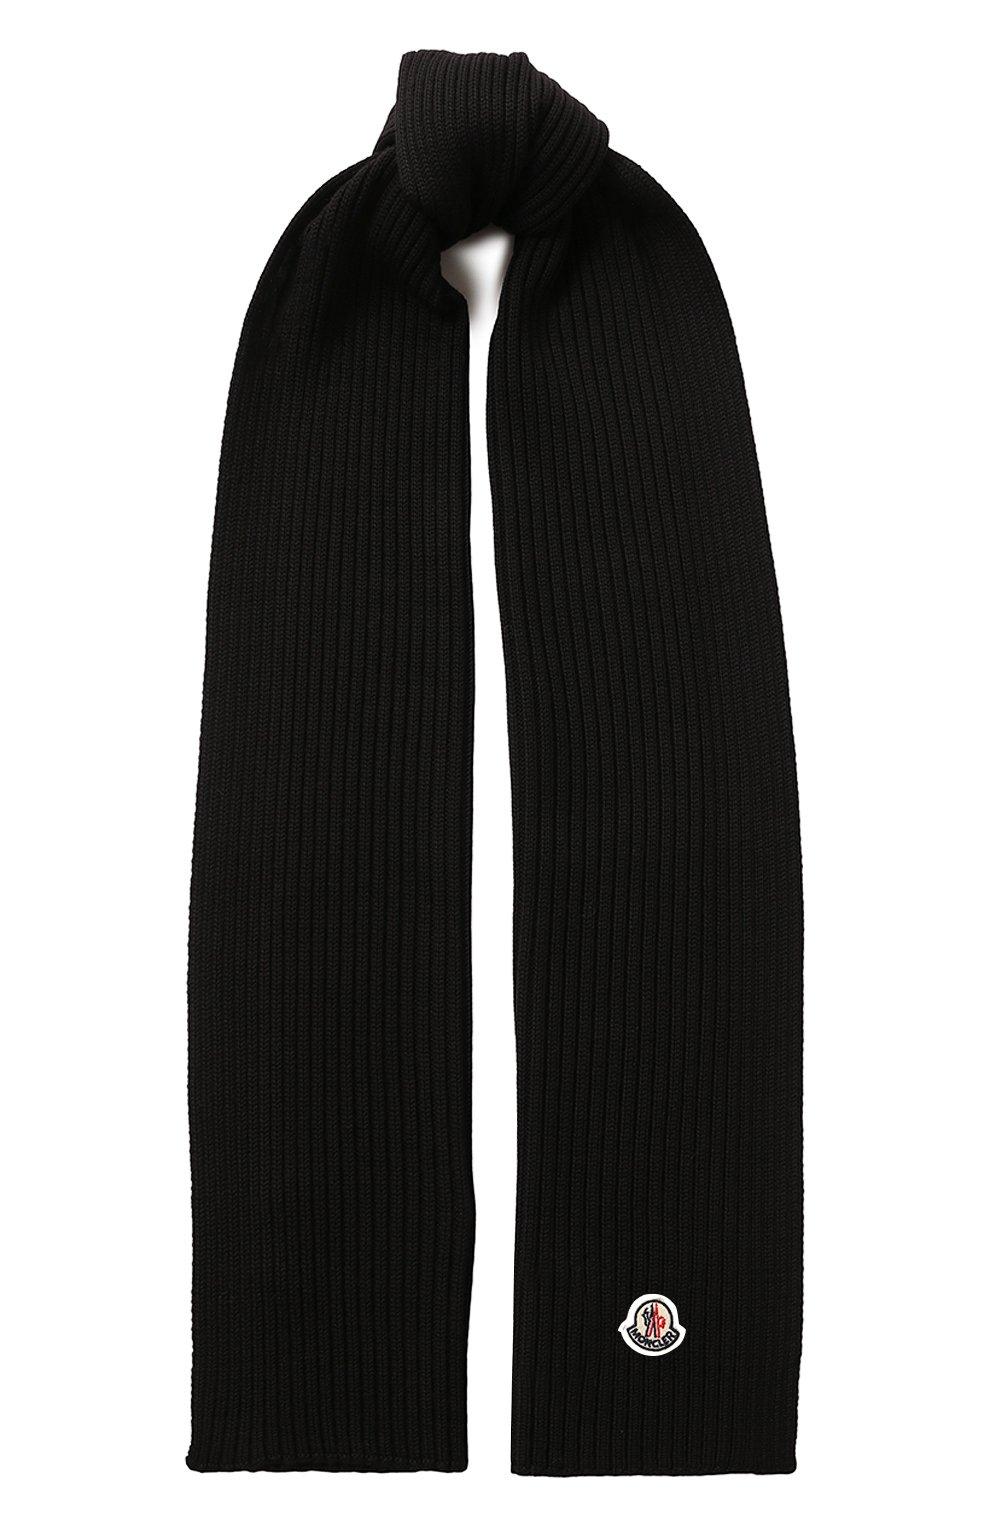 Детский комплект из шапки и шарфа MONCLER черного цвета, арт. E2-954-00951-06-04S01 | Фото 4